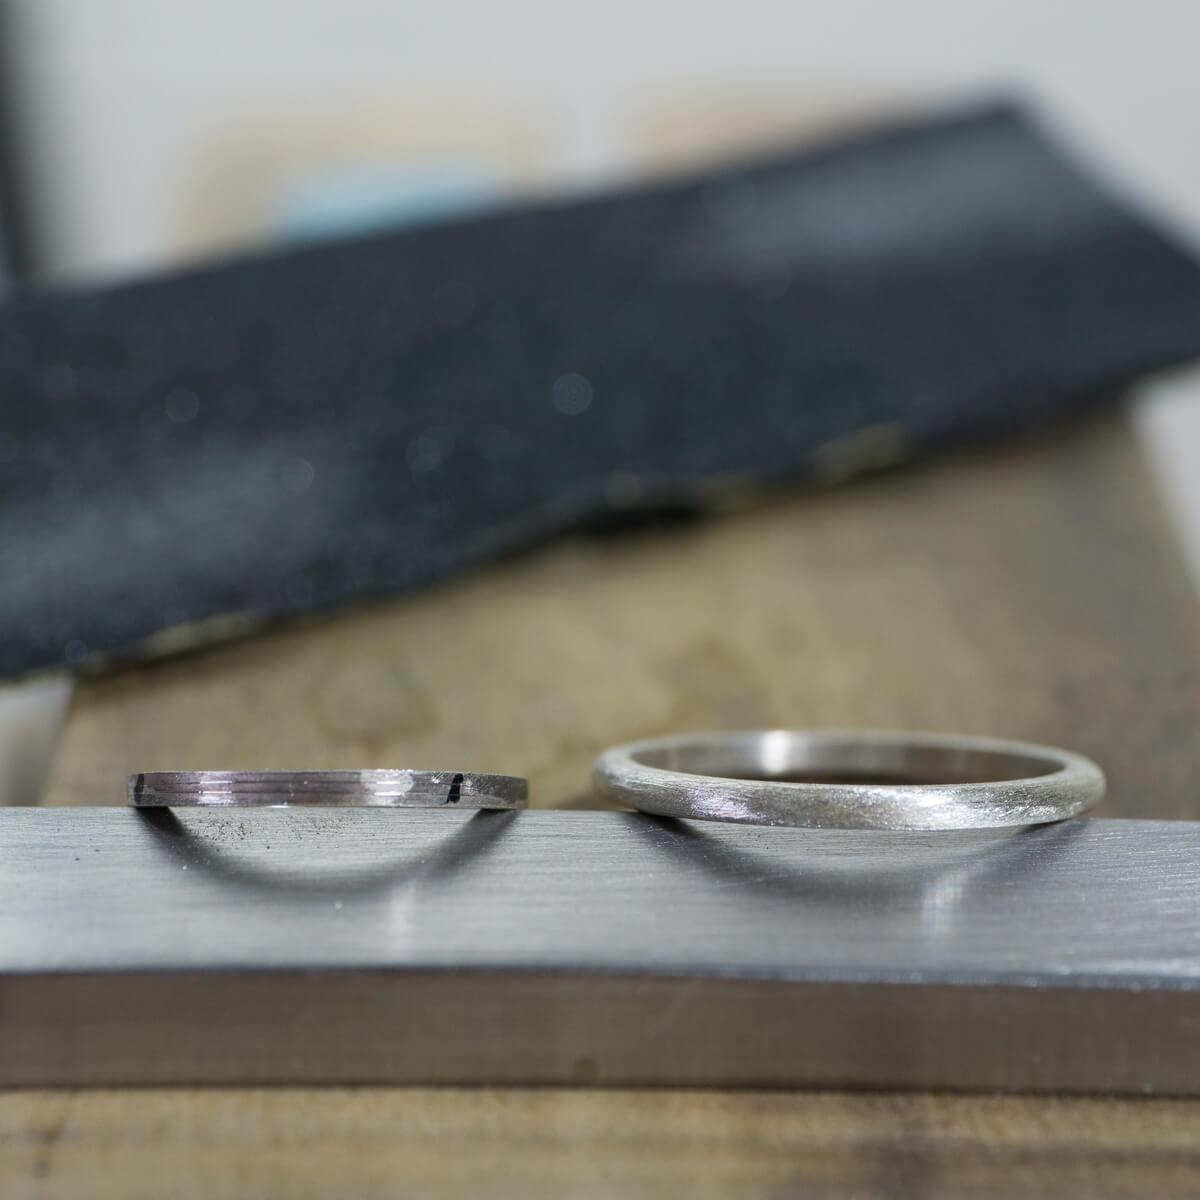 オーダーメイド結婚指輪 サンプルリングの制作風景 シルバー 屋久島でつくる結婚指輪